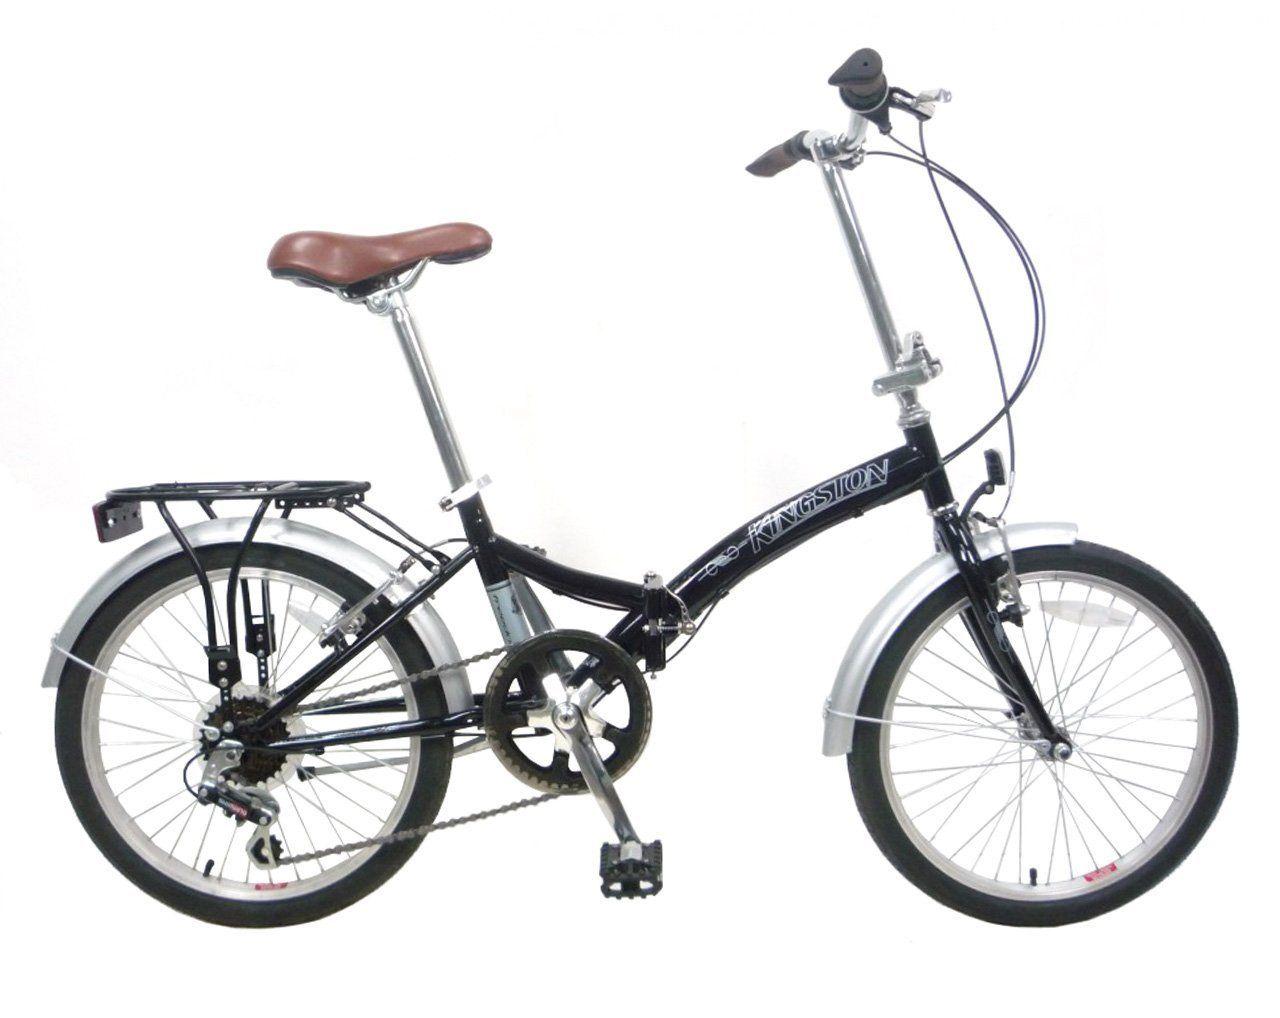 Kingston Freedom Folding Bike Black Amazon.co.uk